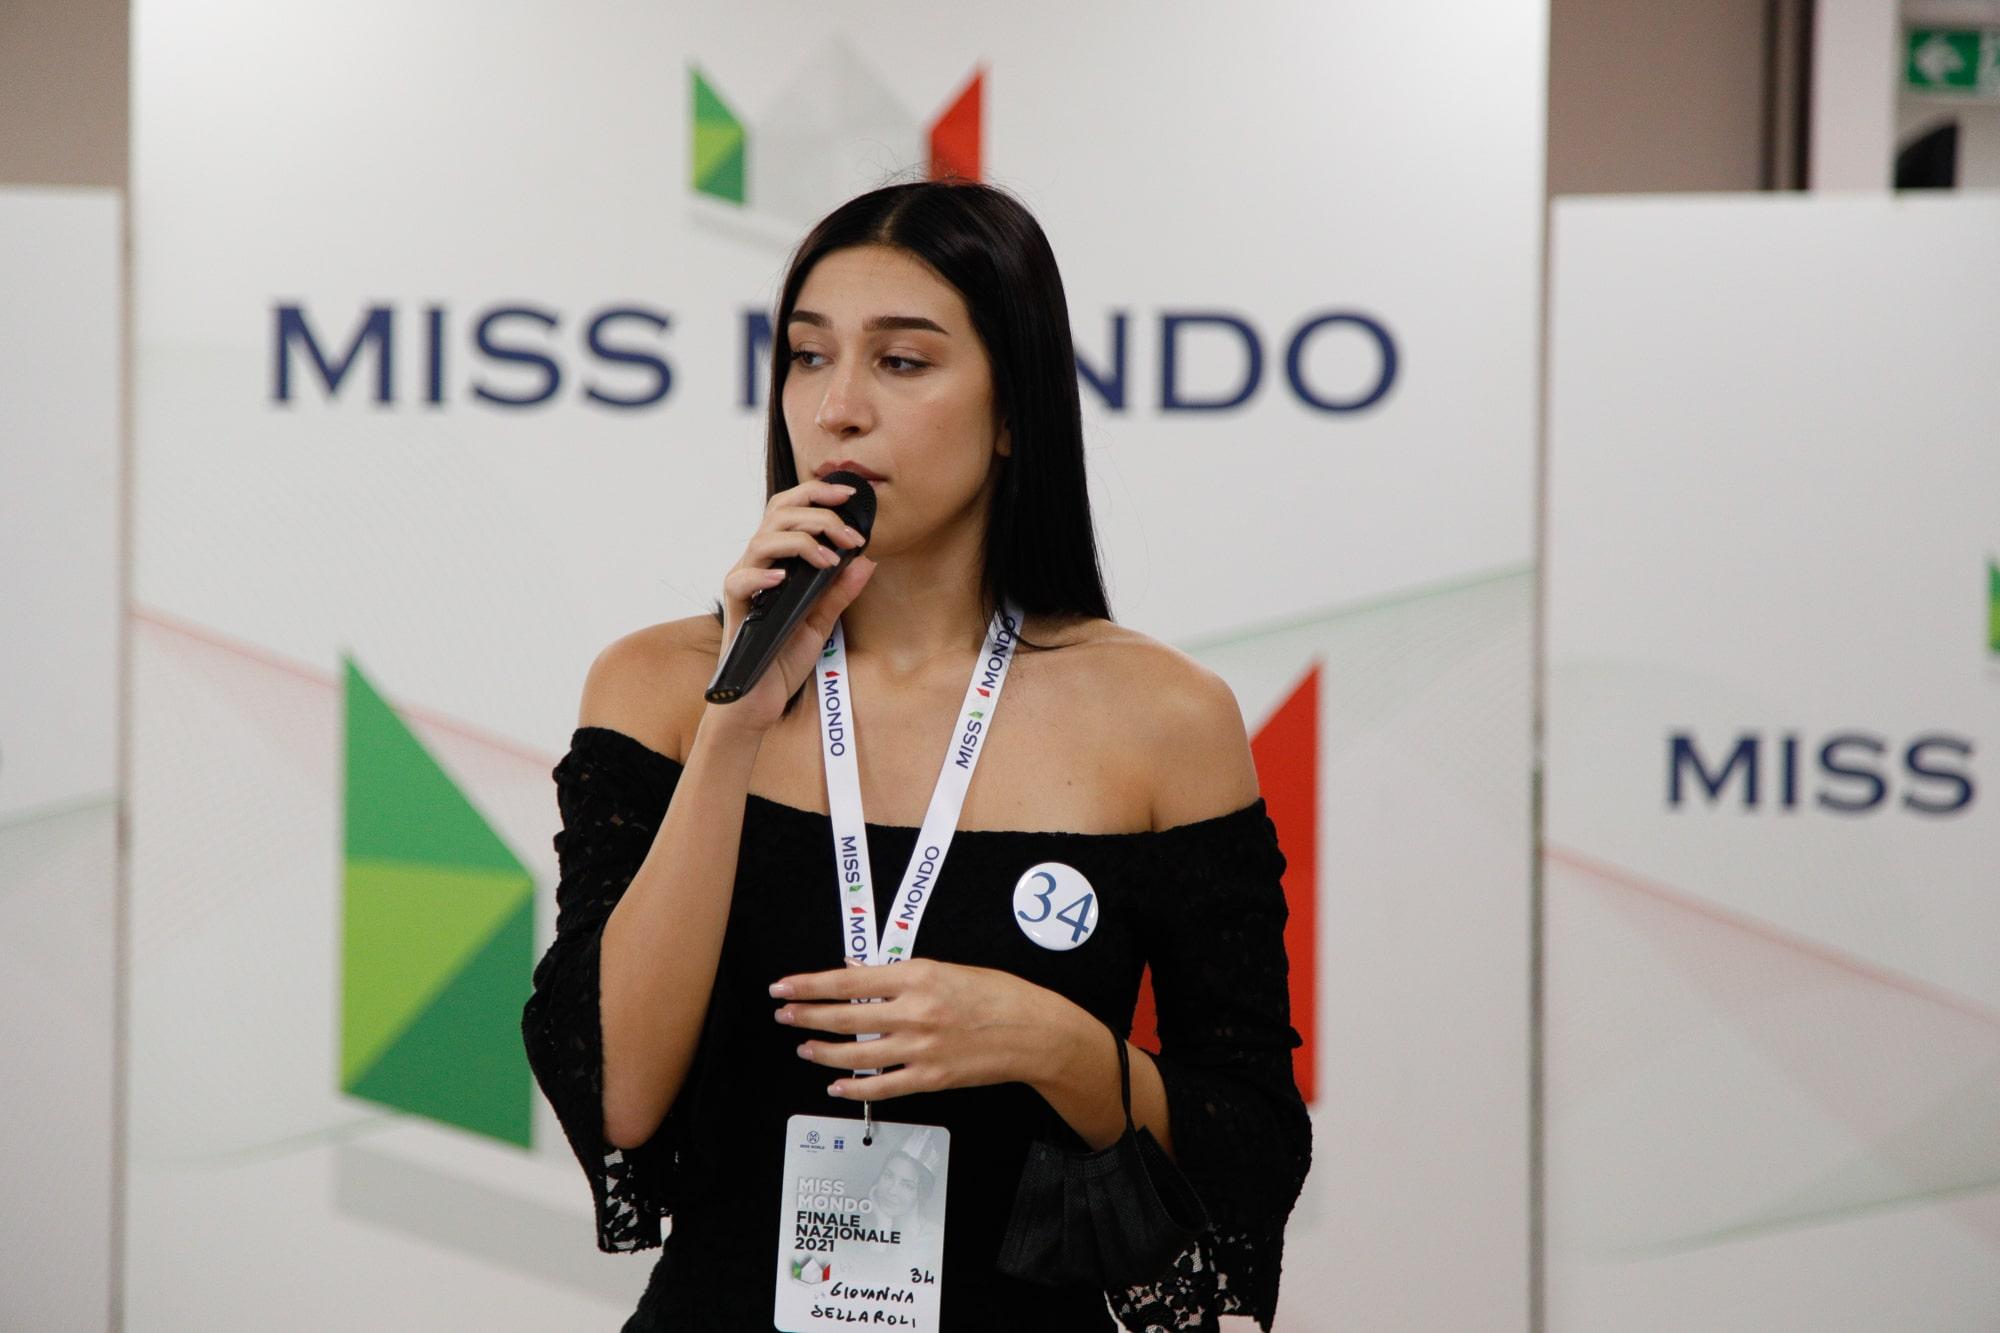 Finale nazione Miss Mondo Italia 2021 Audizione Talent 2 - 3